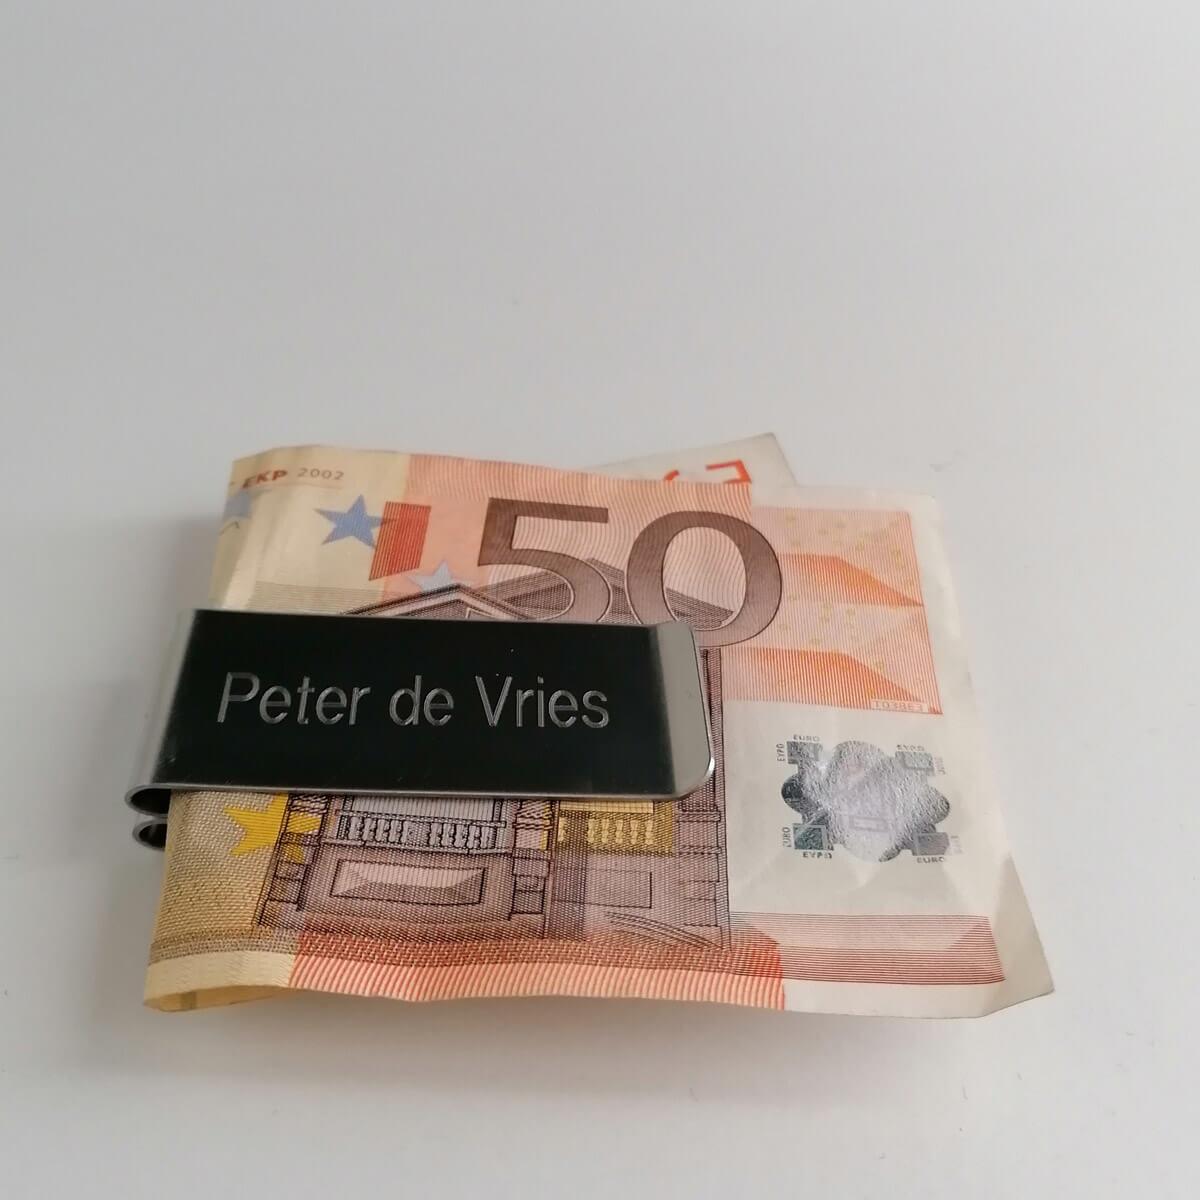 Geldkem voor papiergeld met gratis gravering